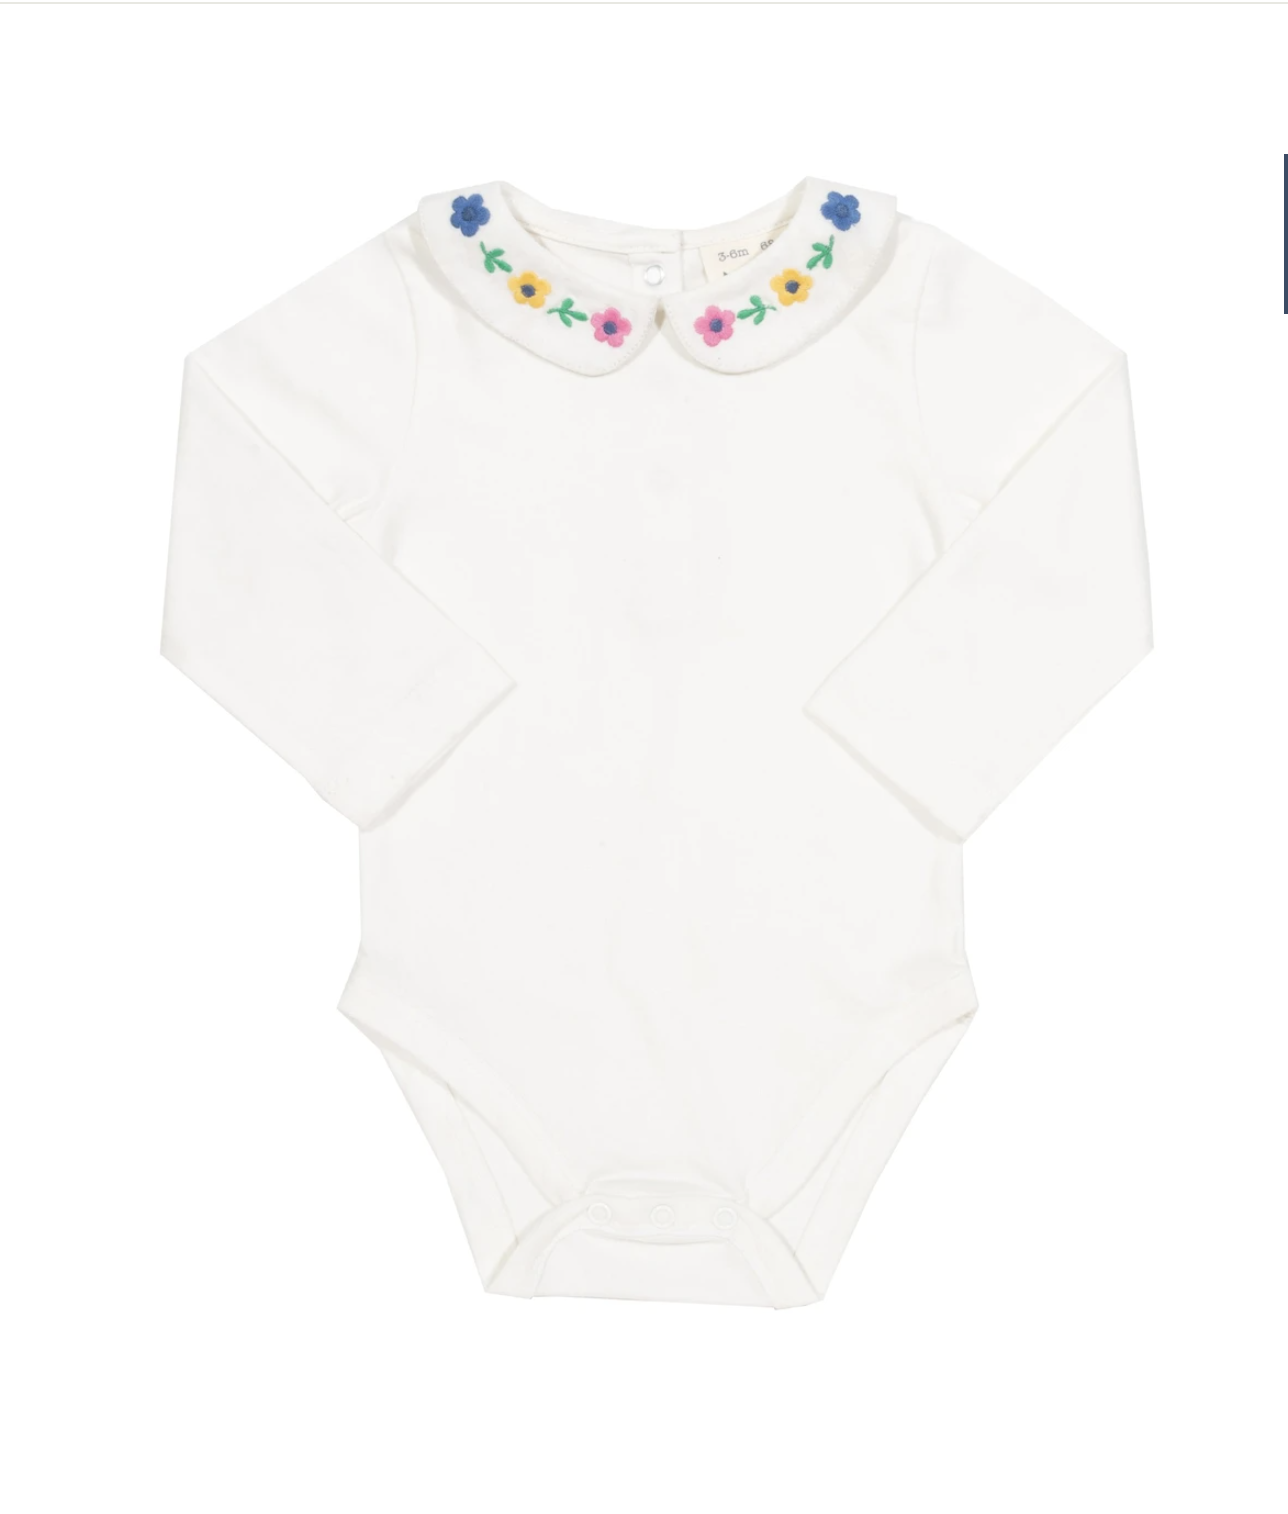 Kite Baby Sheepy 2 Pack Bodysuit Organic Newborn-24 Months